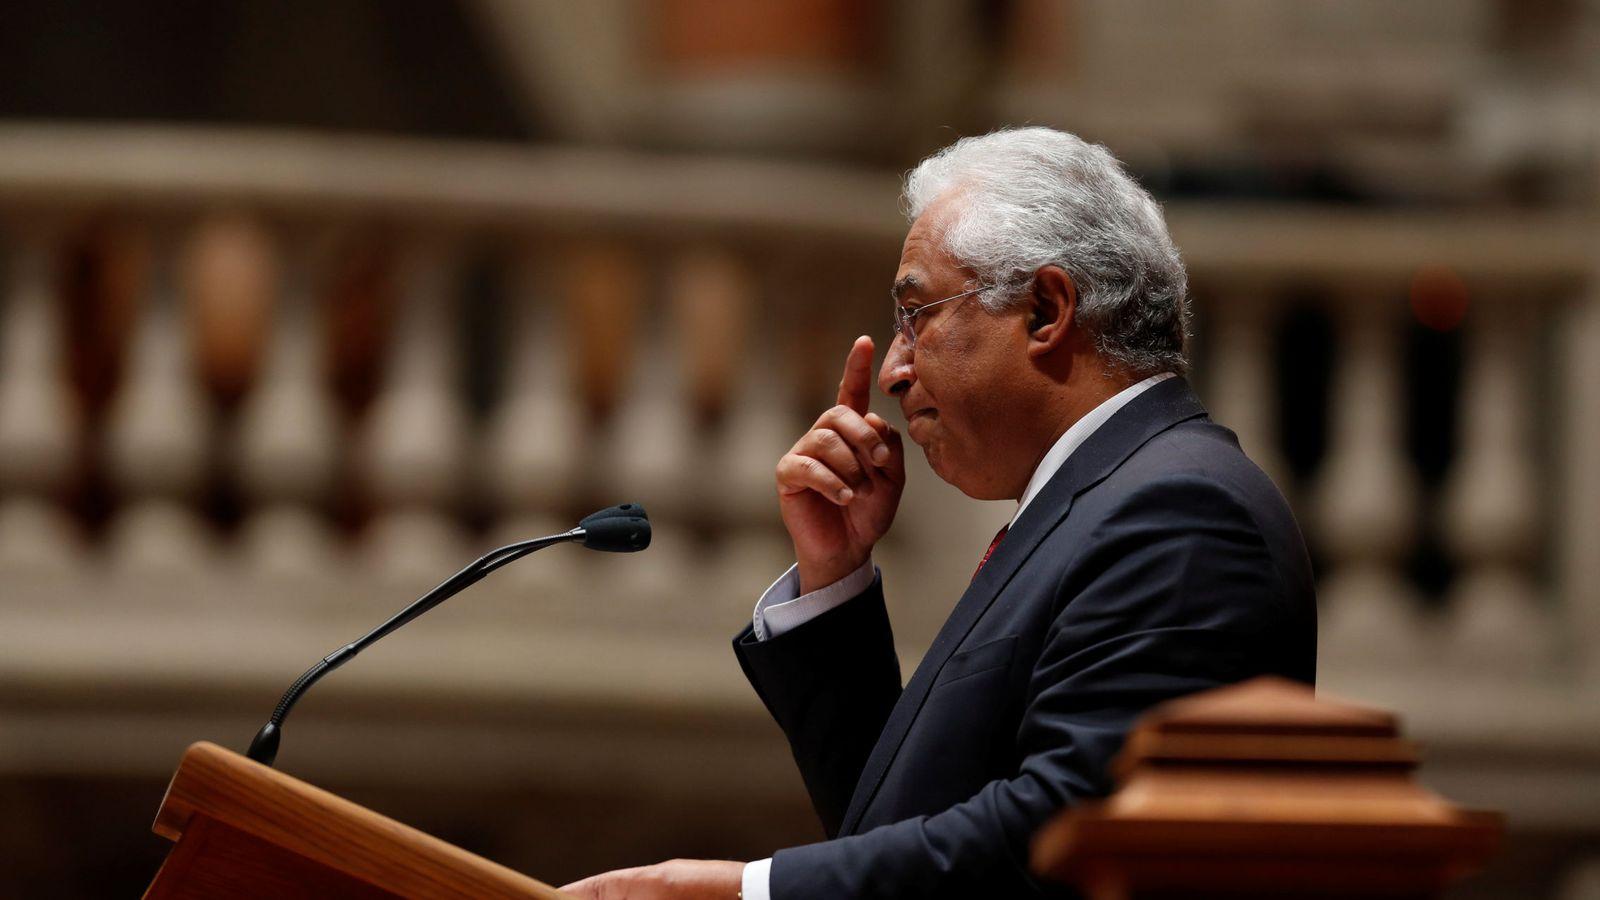 Foto: El primer ministro portugués, António Costa, habla durante el debate parlamentario sobre los presupuestos en Lisboa, el 29 de noviembre de 2018. (Reuters)